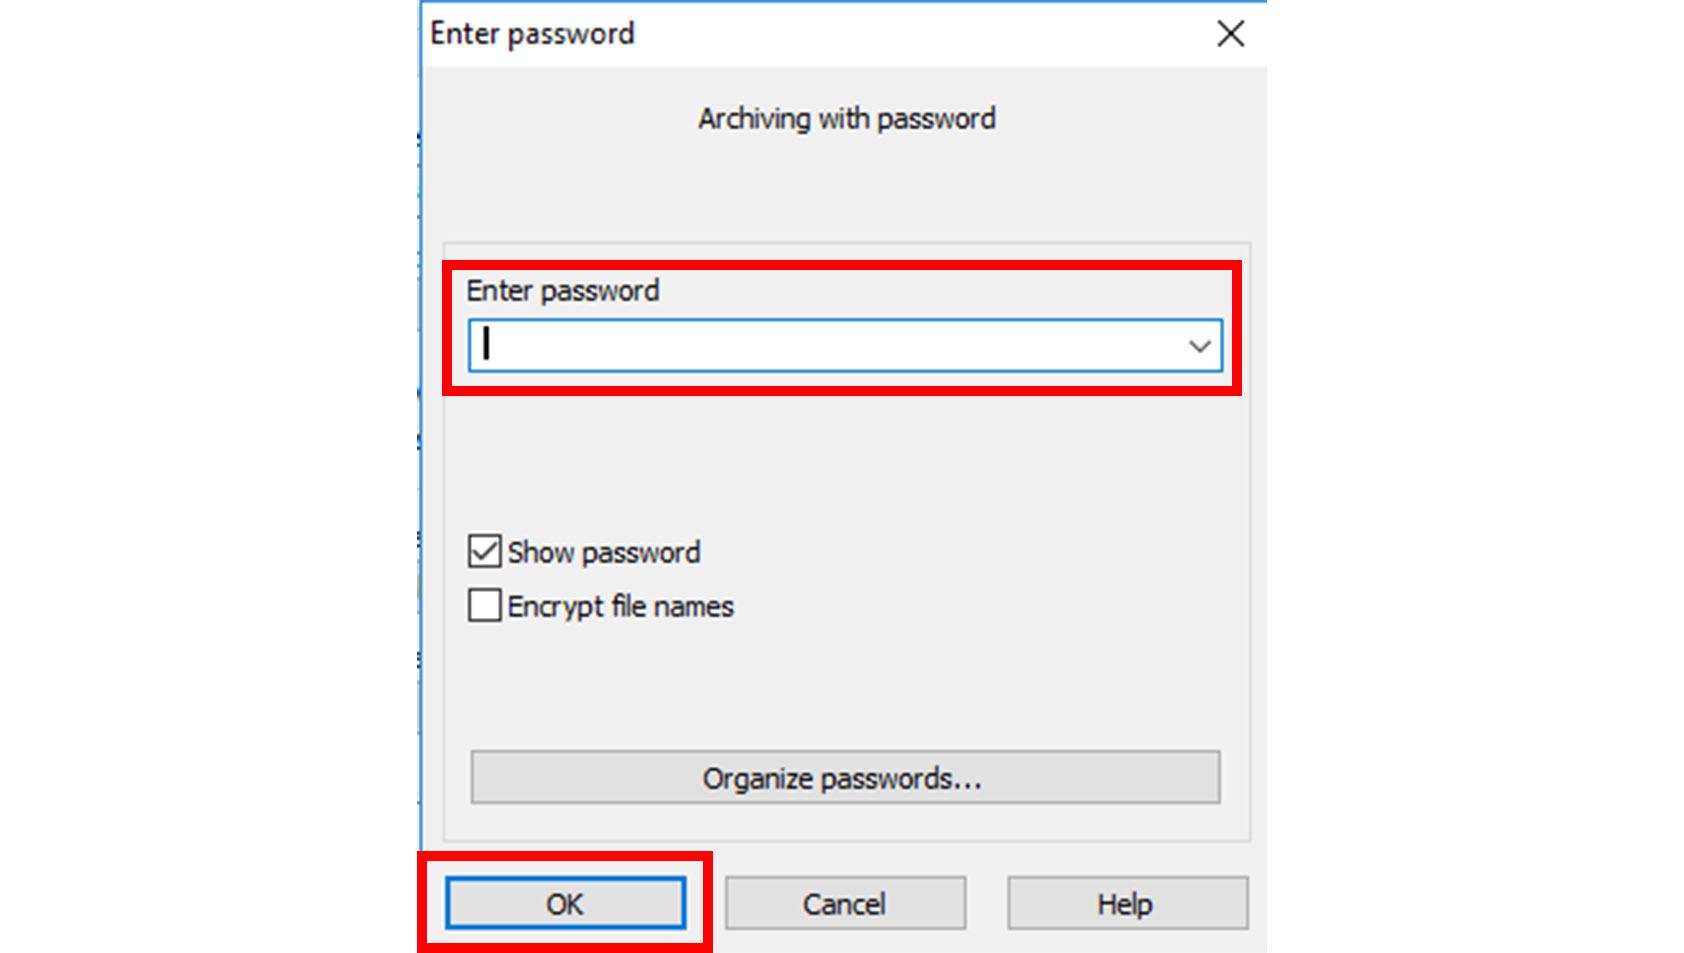 cara membuat file rar dengan password